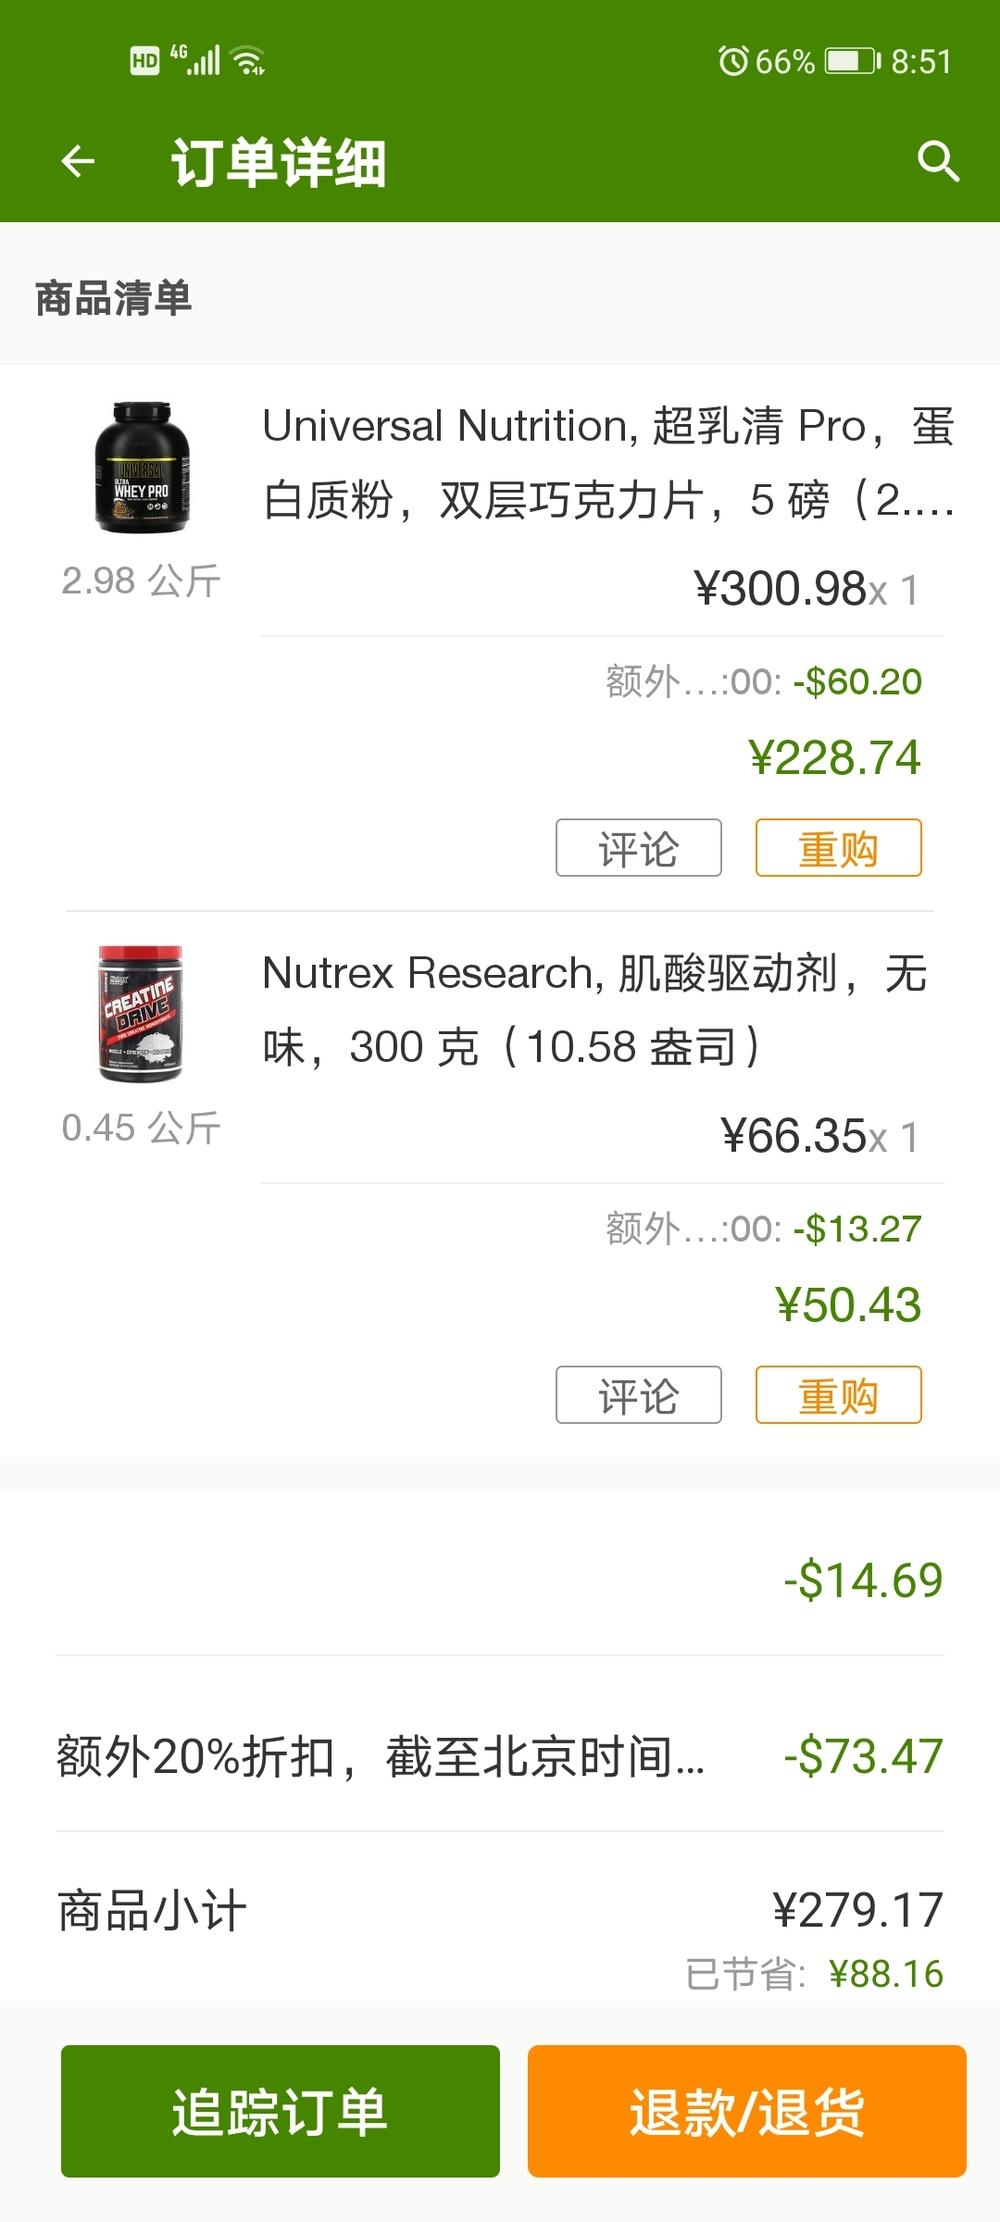 Screenshot_20210422_205148_com.iherb.cn.jpg